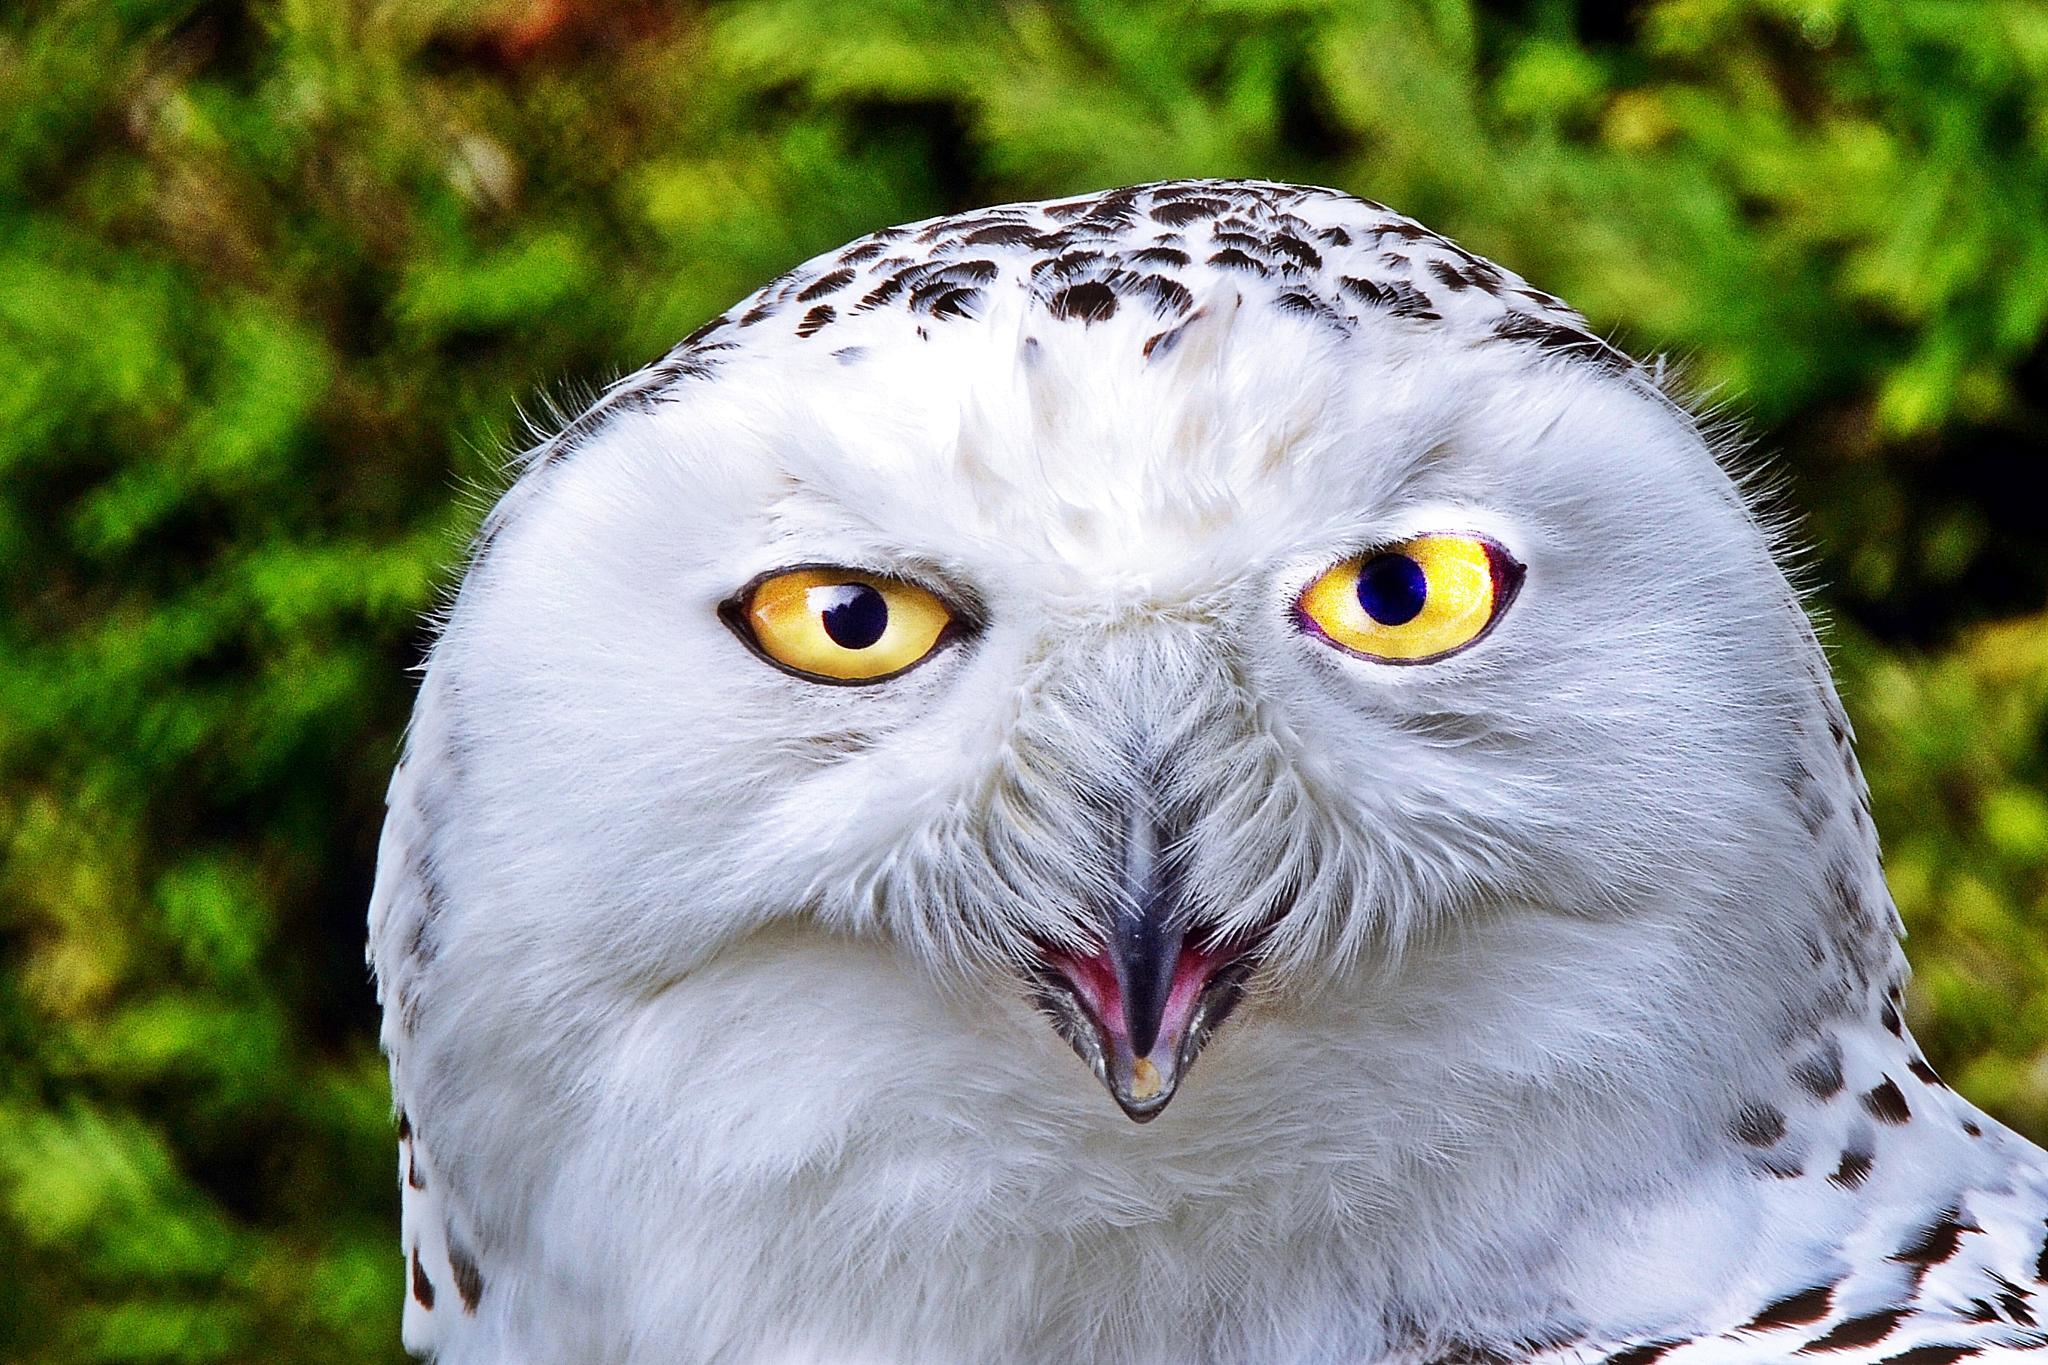 Snow Owl by henkschneider